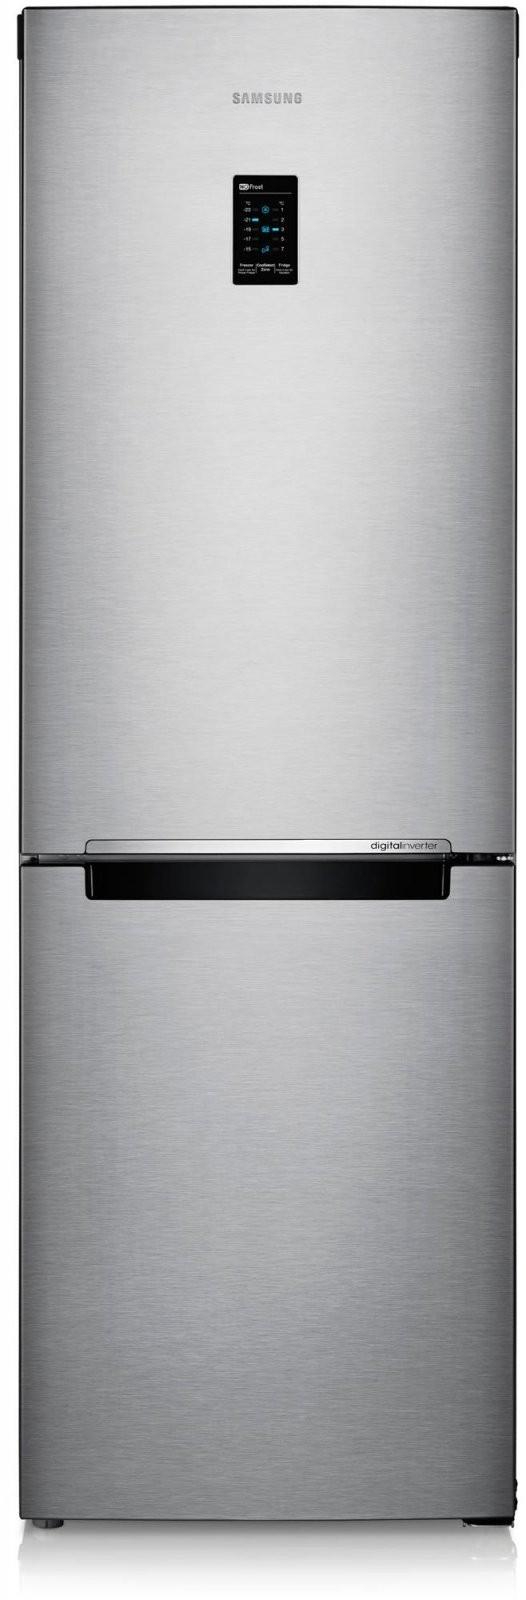 Samsung Rb29Ferncsa A++ Kühlgefrierkombination Edelstahllook 59 von Gefrierkombination 50 Cm Breit Bild